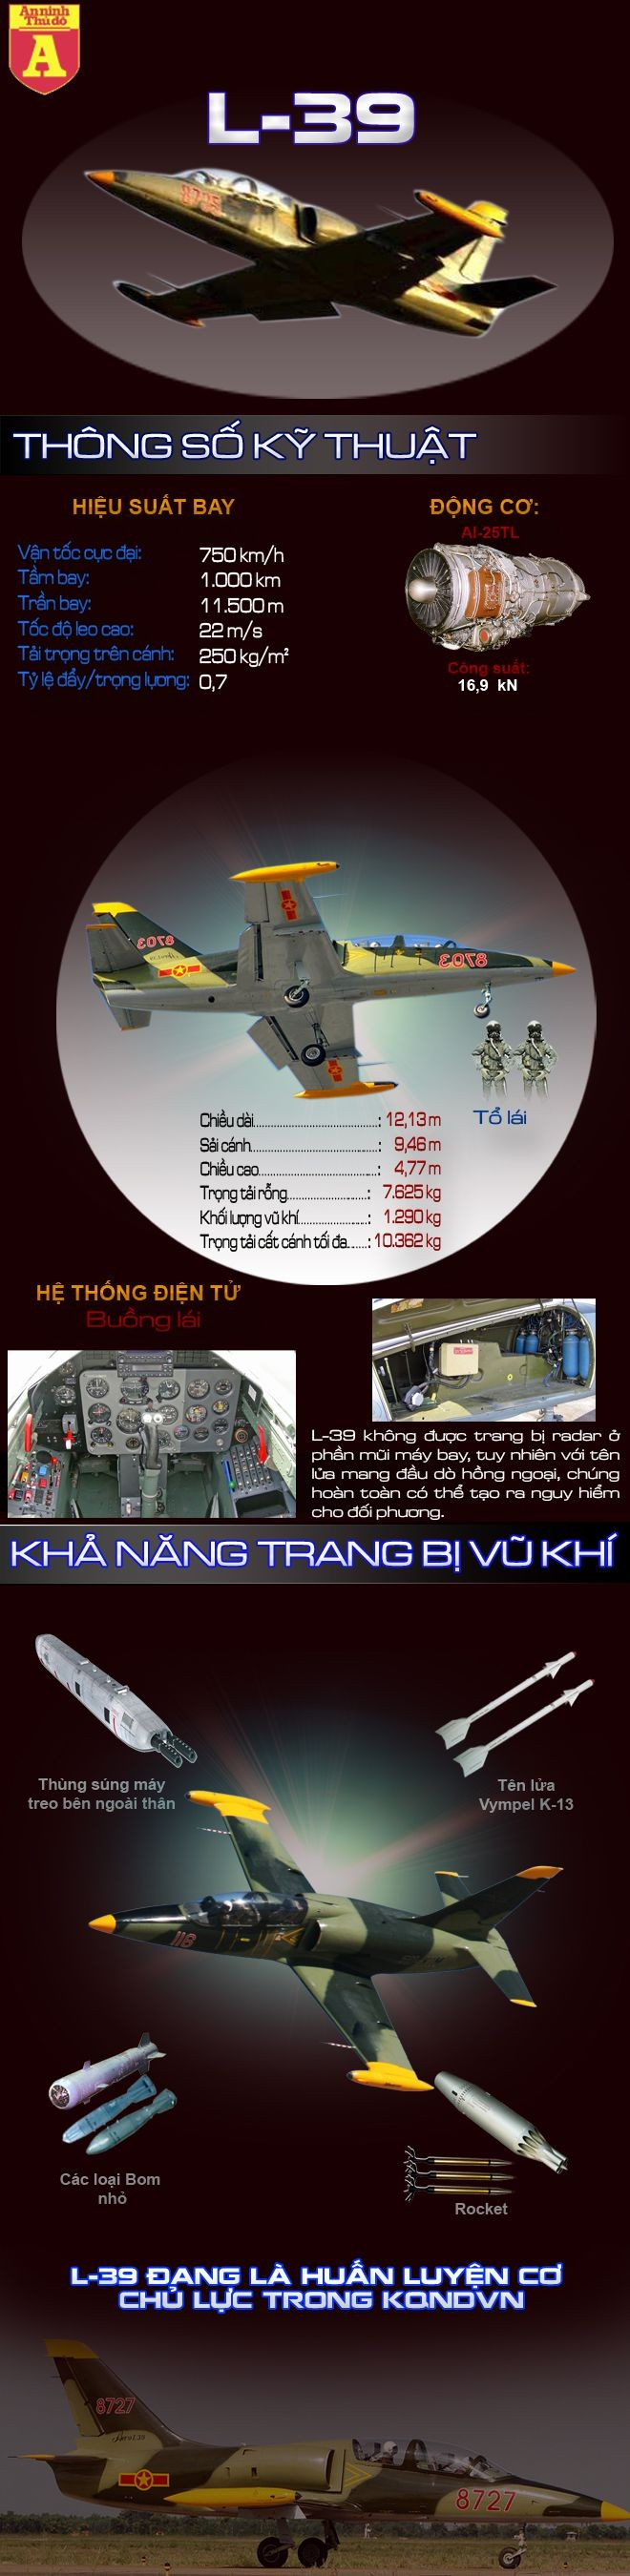 [Infographic] Sức mạnh của chiến đấu cơ L-39 Việt Nam ảnh 2